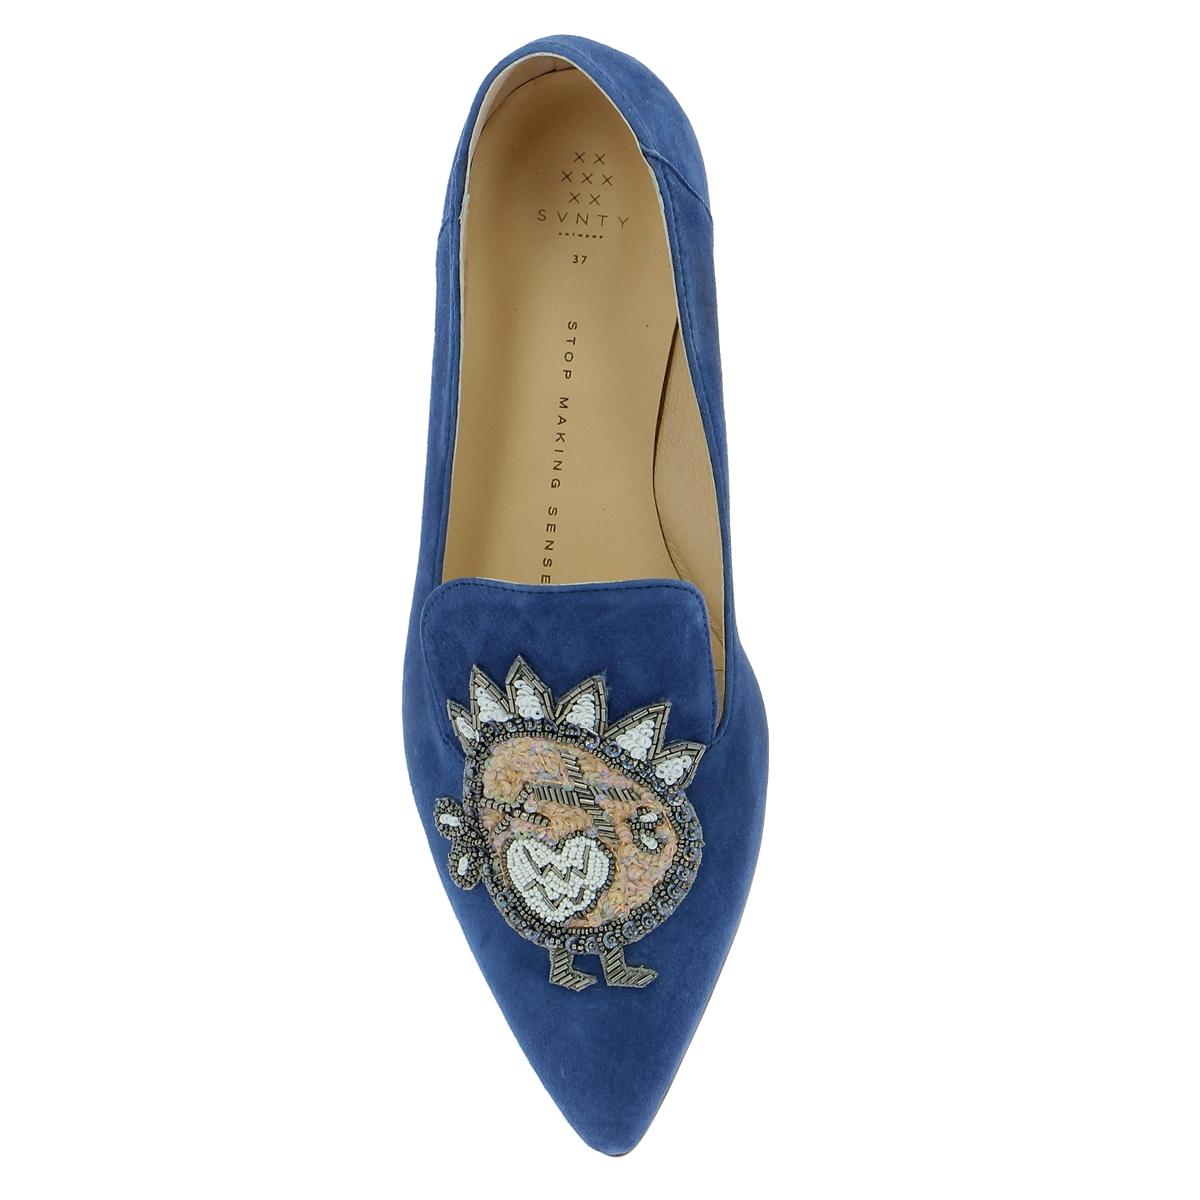 Svnty Moccassins bleu